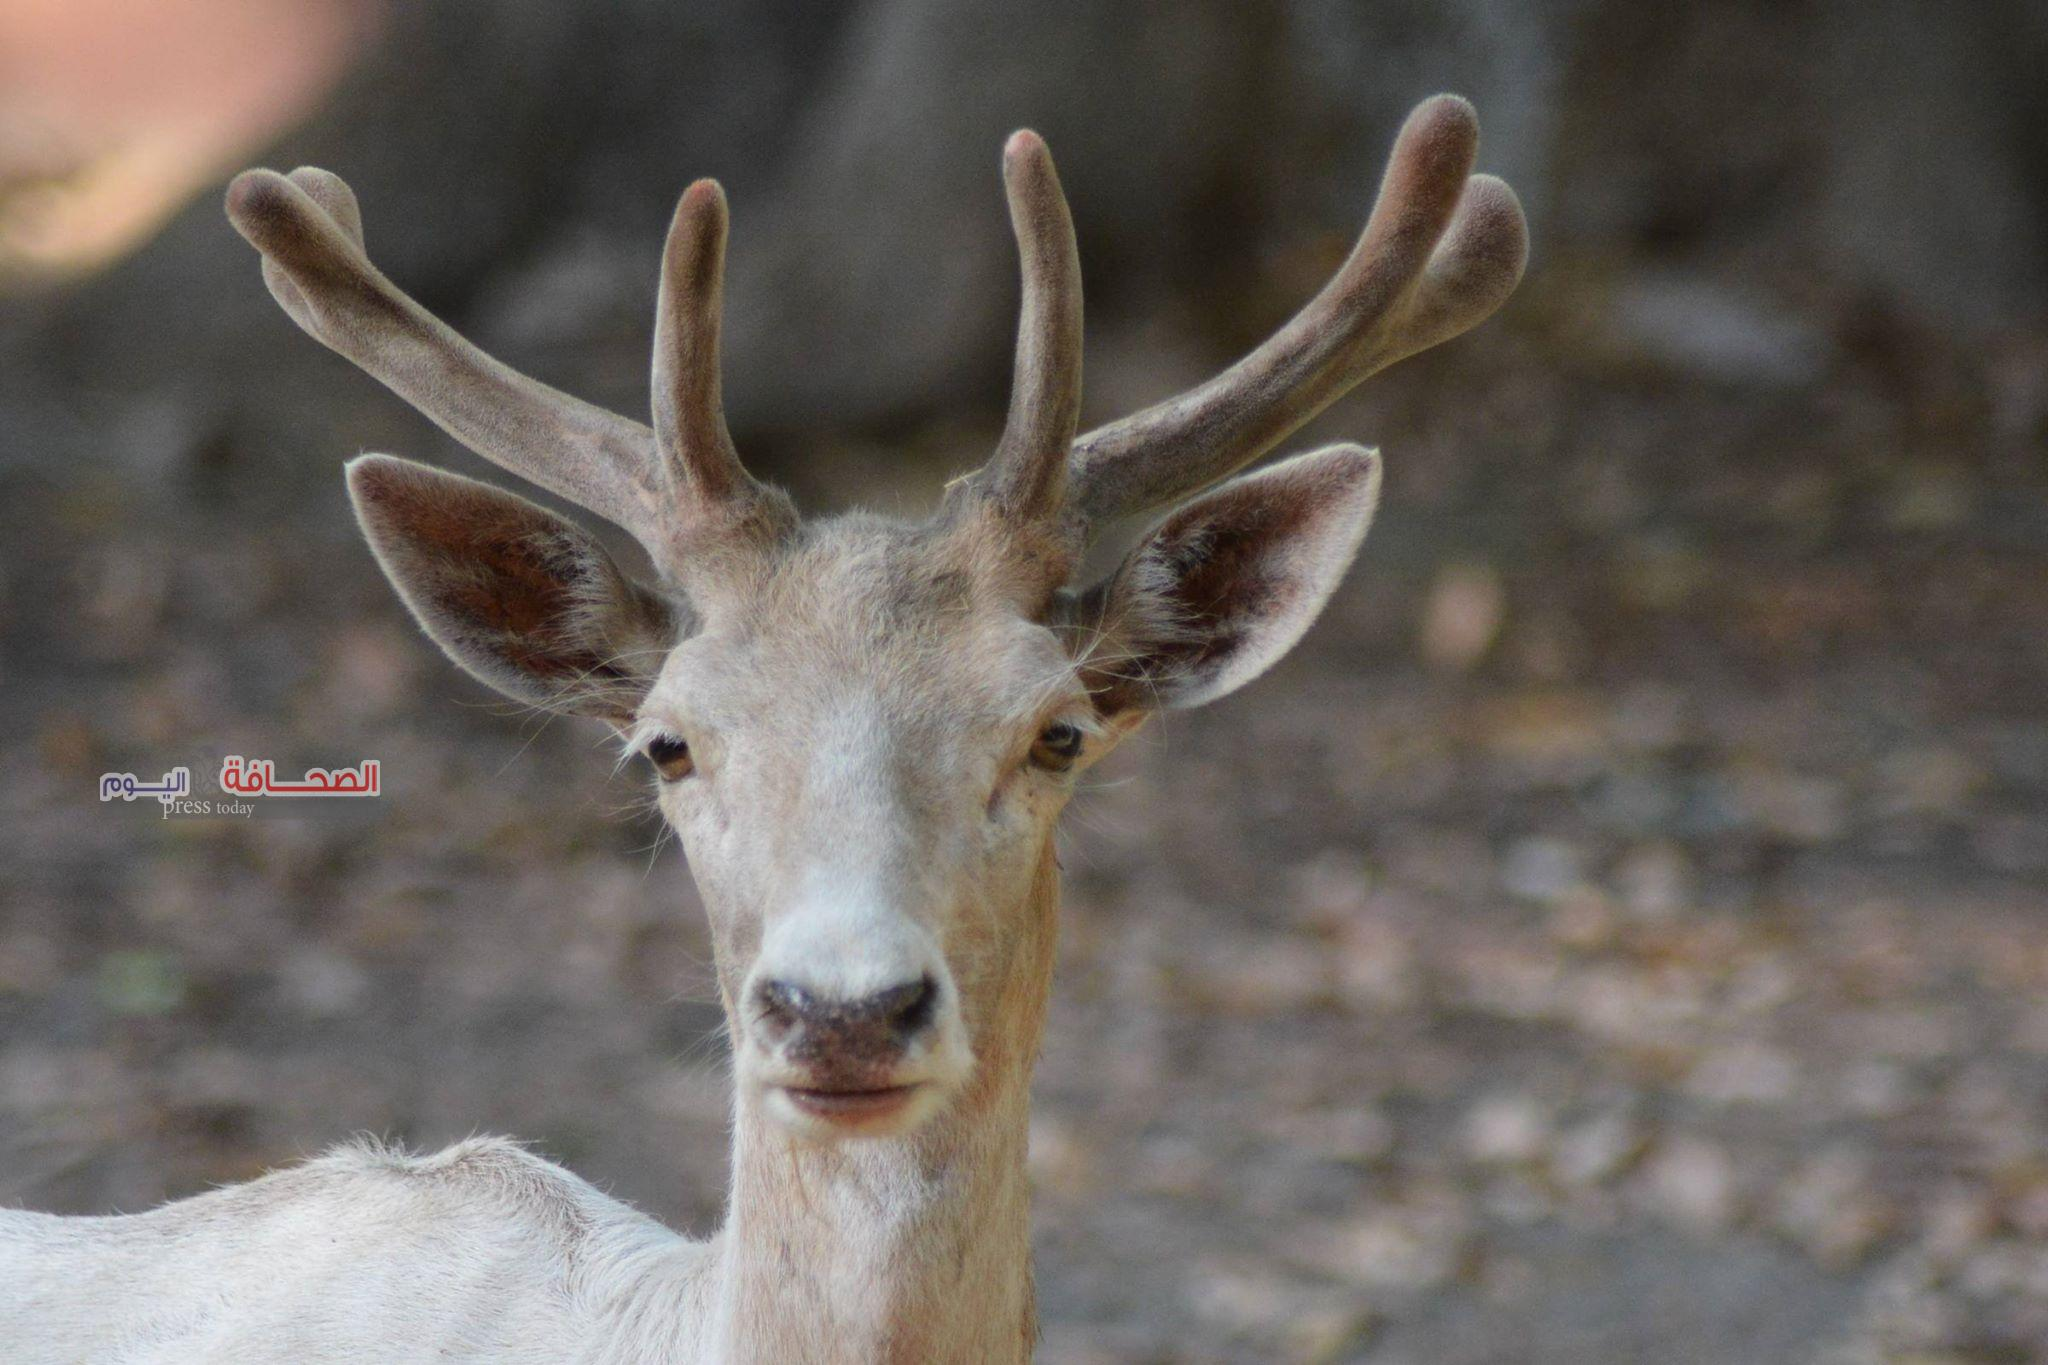 بالصور .. حديقة الحيوان تضع خطة لزيادة مواليد إناث الايل الأوربى النادرة